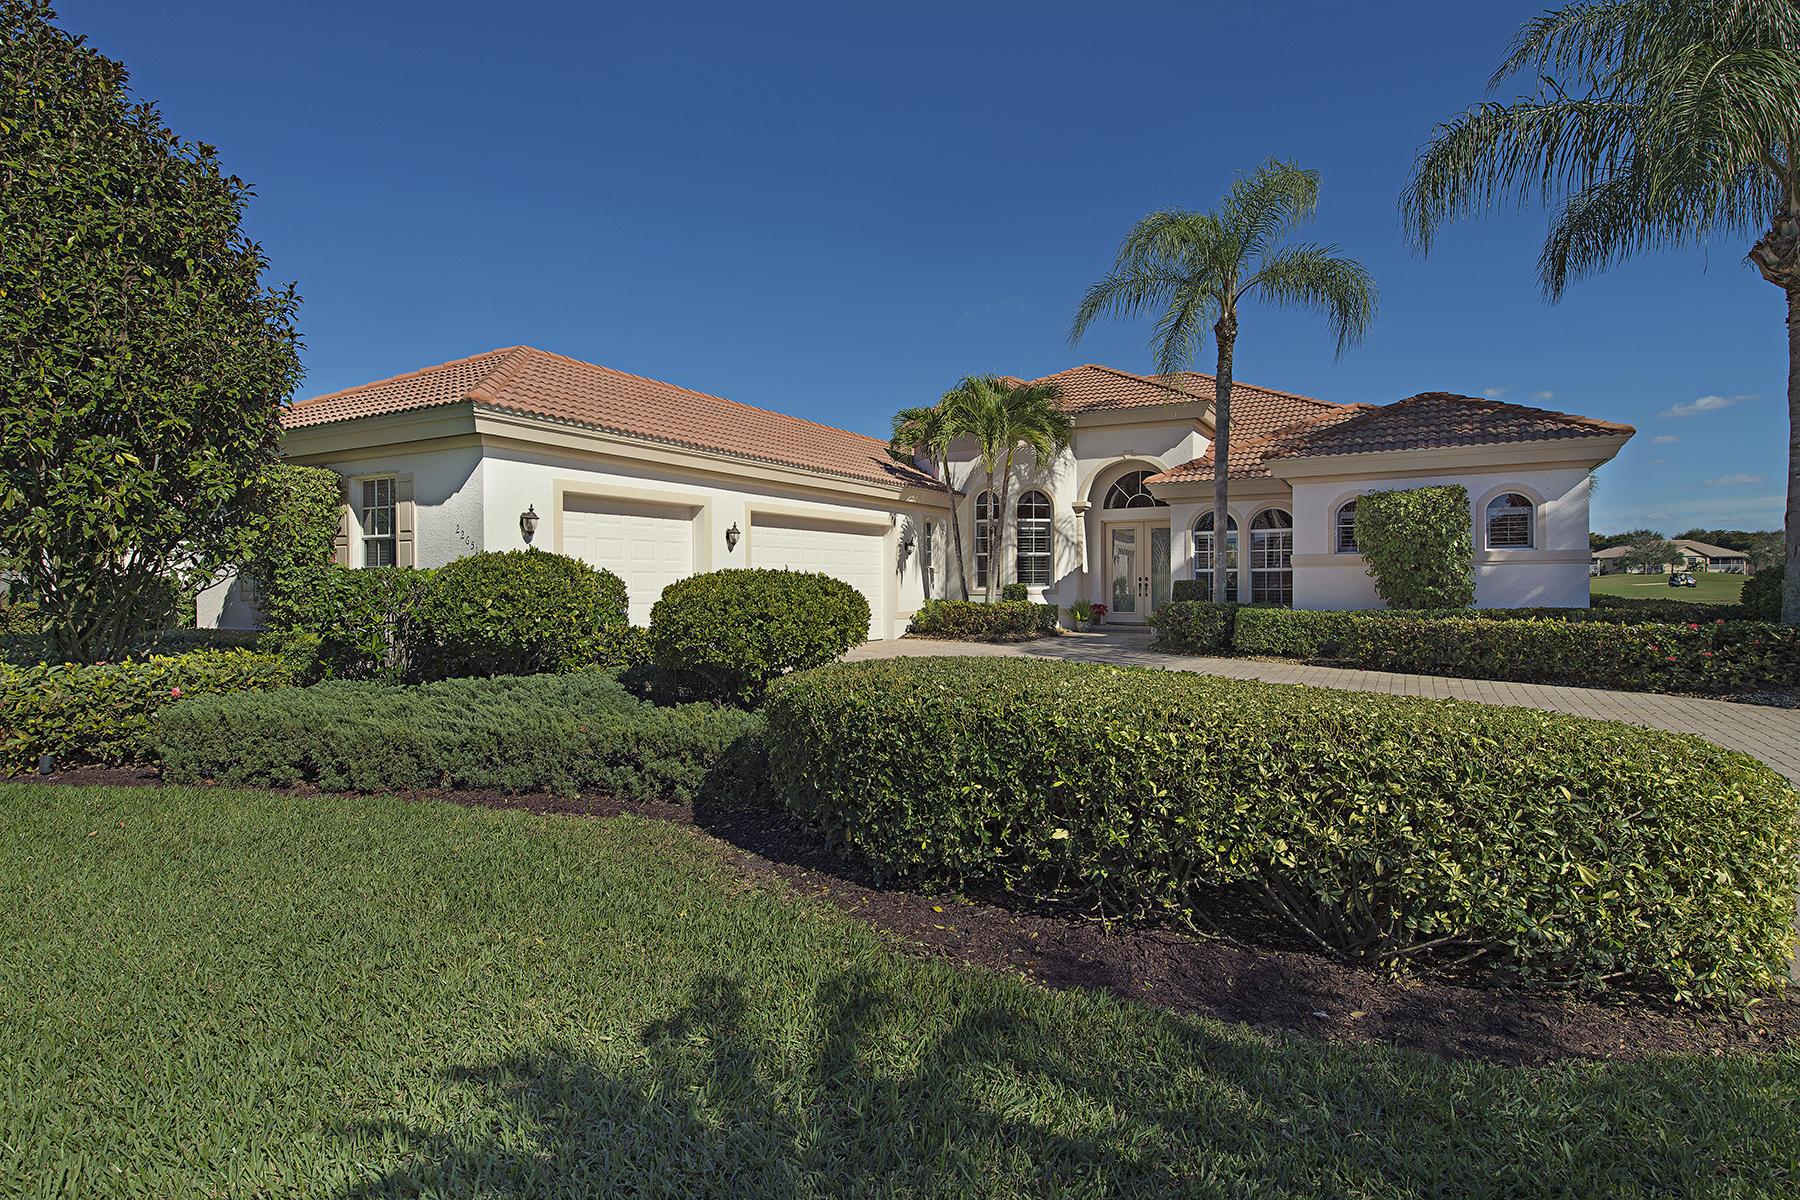 独户住宅 为 销售 在 SHADOWWOOD -WOODMONT 22651 Fairlawn Ct 埃斯特罗, 佛罗里达州 34135 美国